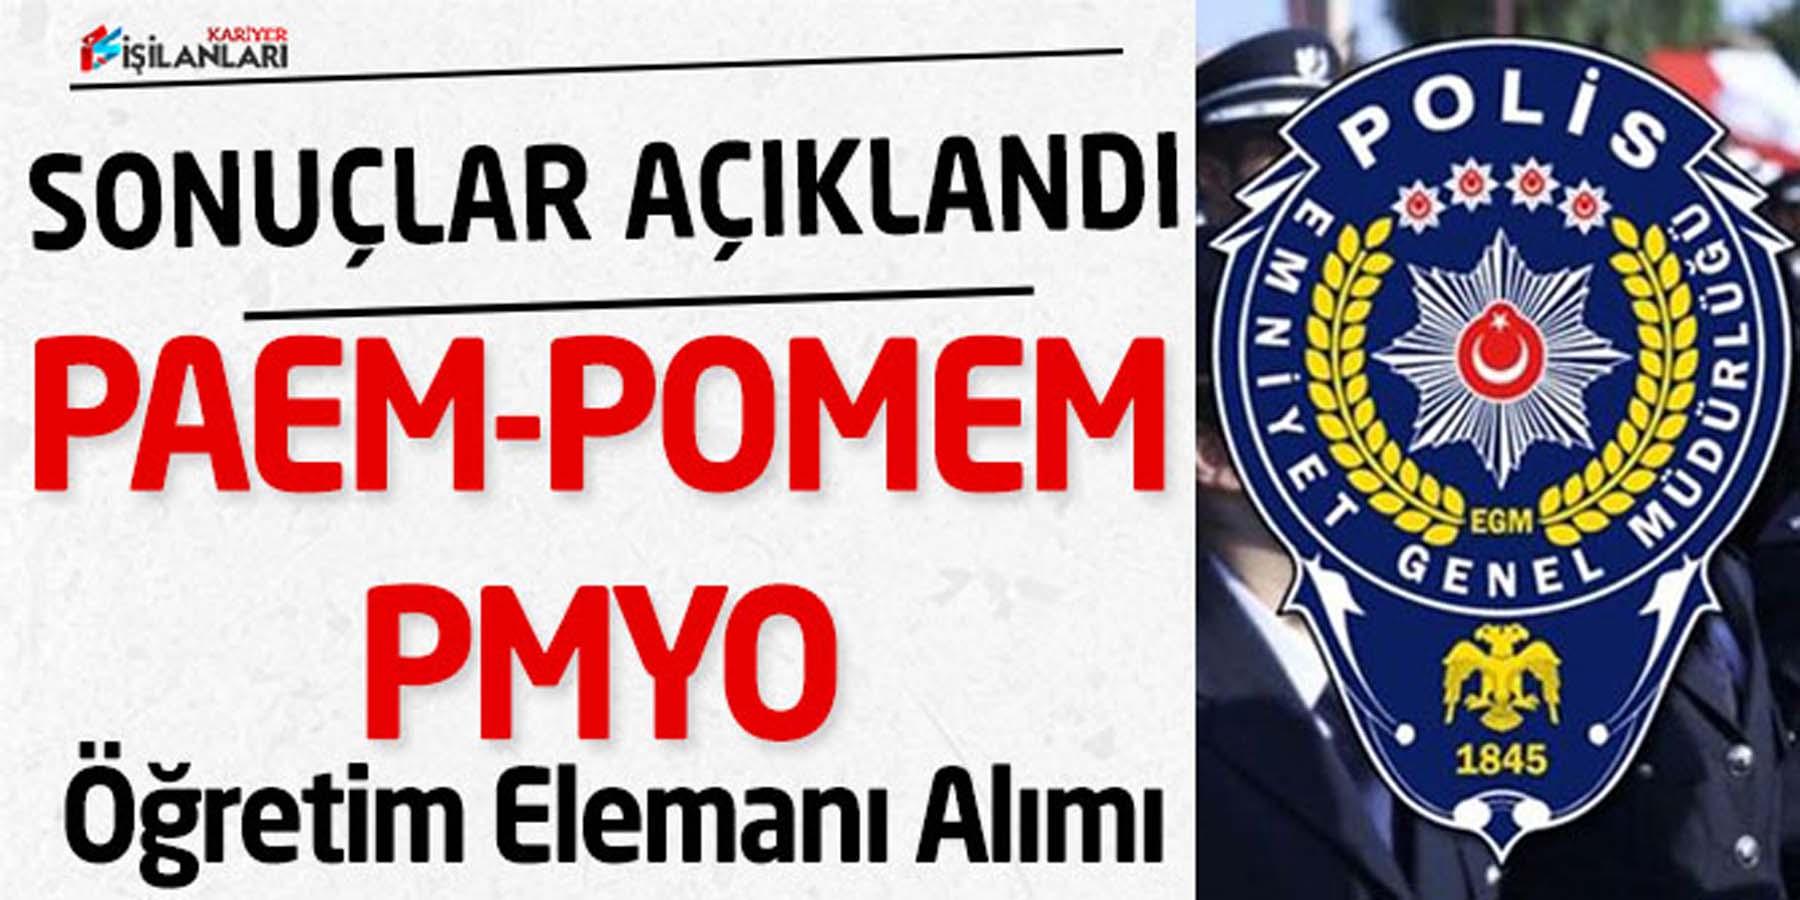 Polis Akademisi POMEM PMYO PAEM Sonuçlarını Duyurdu